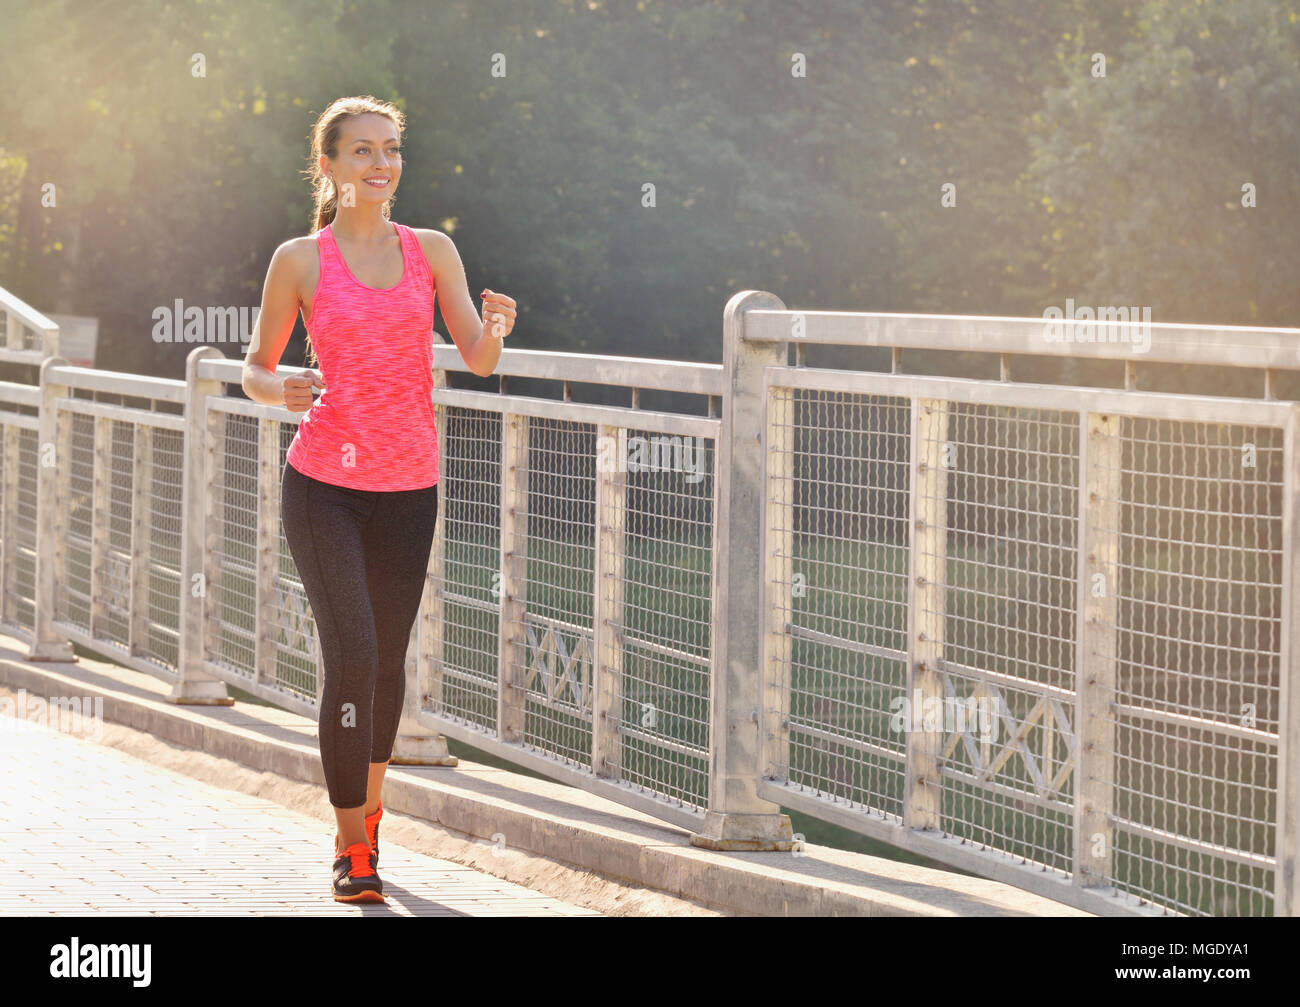 La donna in esecuzione sul ponte. Runner donna jogging sulla strada urbana della formazione per la maratona. Montare ragazza fitness modello atleta esercizio outdoor Foto Stock